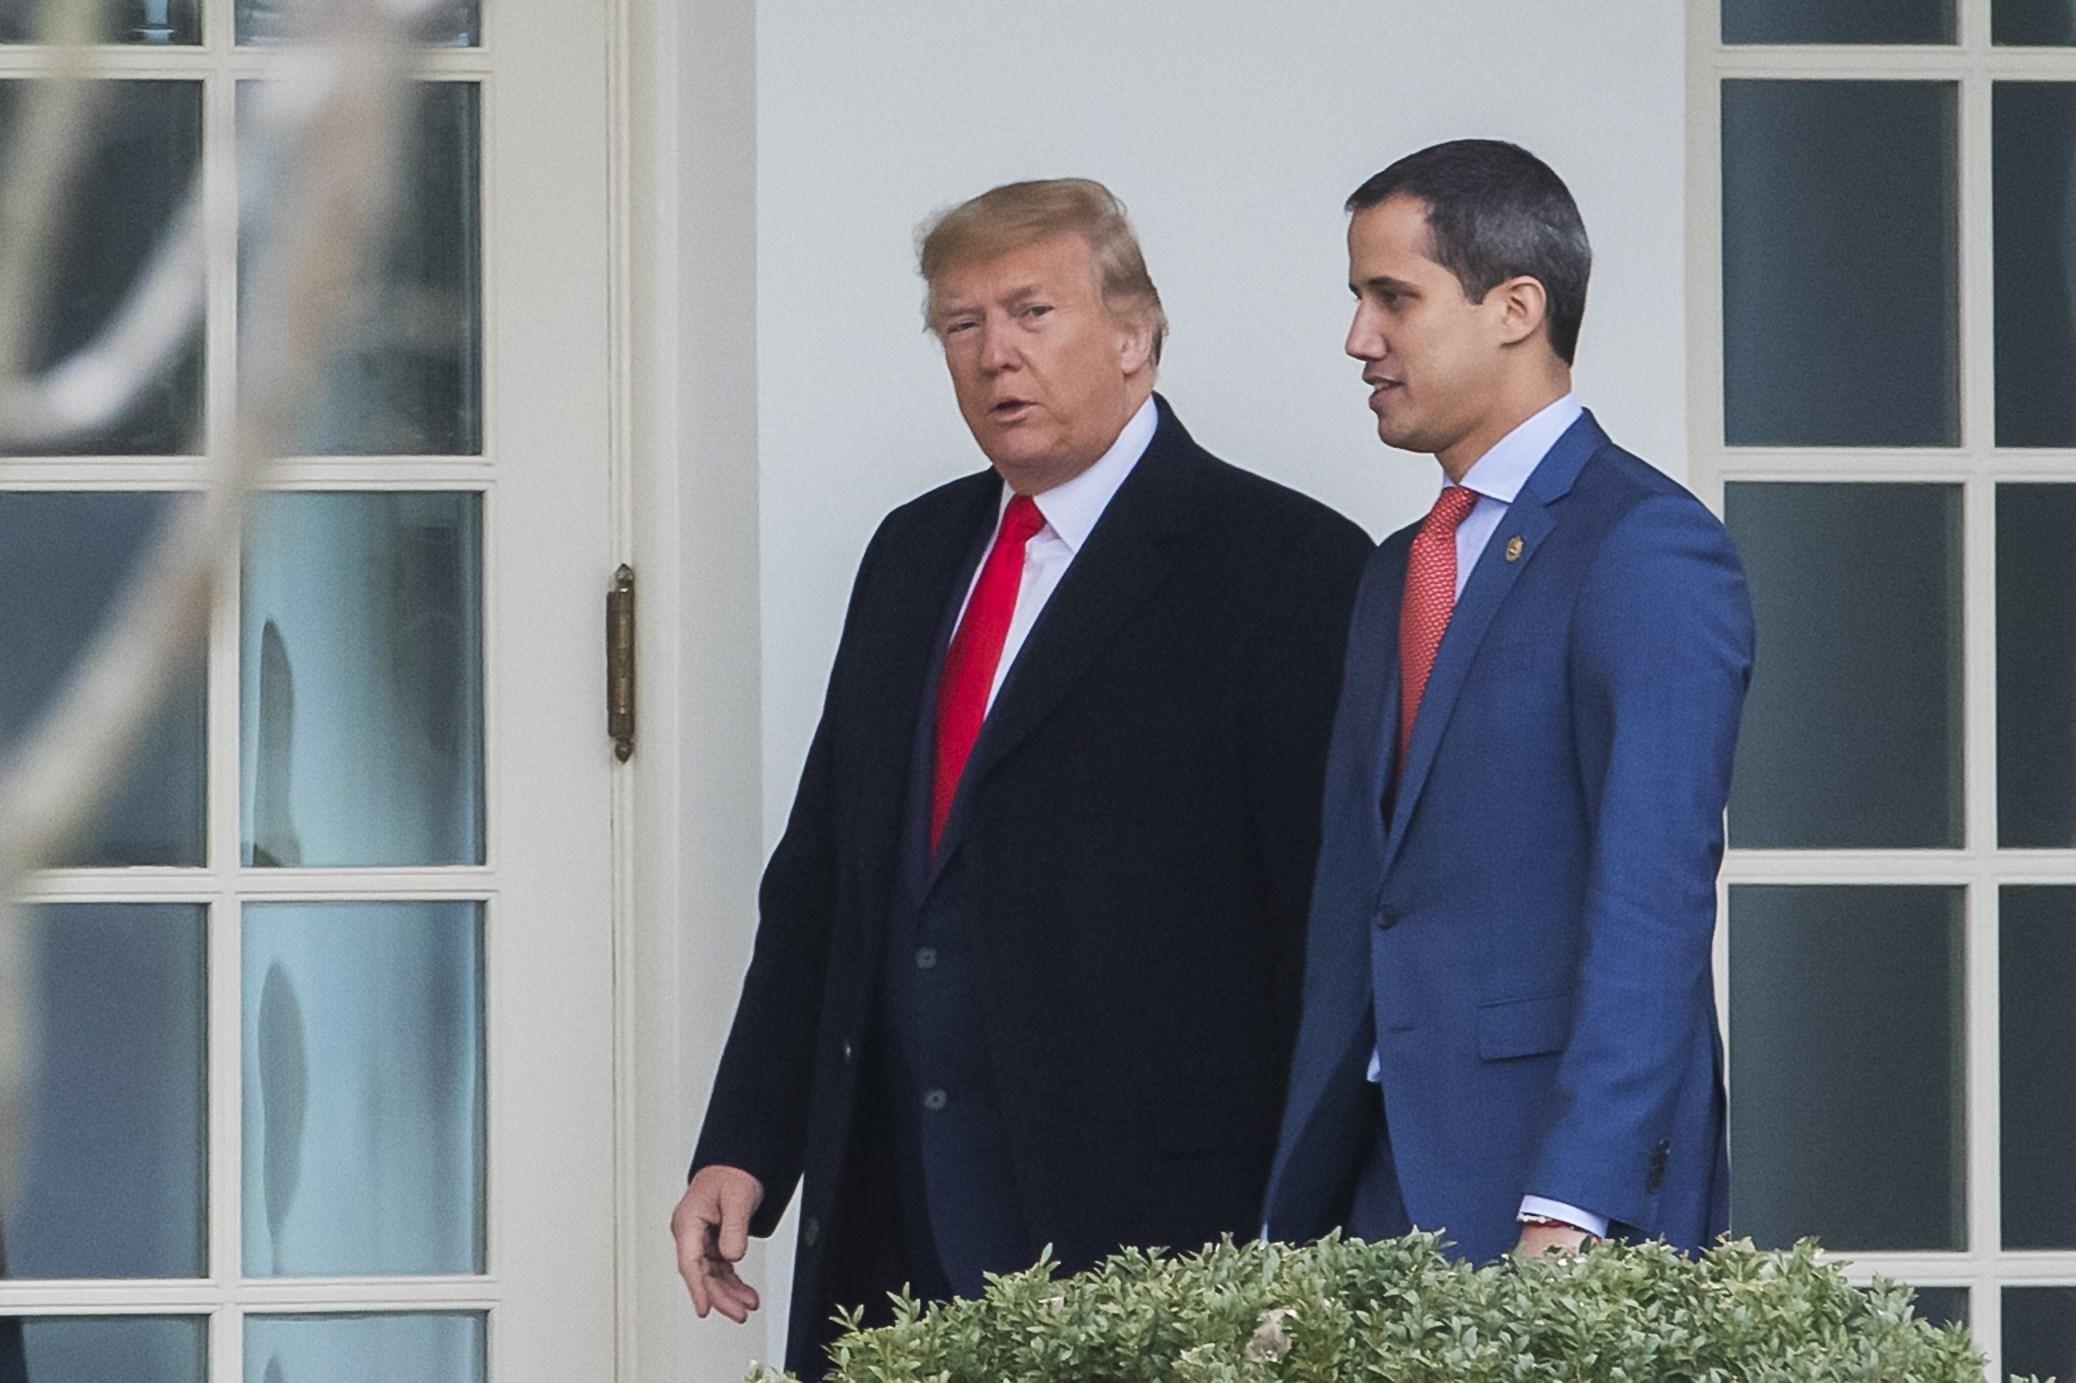 صورة أرشيفية للرئيس الاميركي دونالد ترامب مع زعيم المعارضة خوان جوايدو